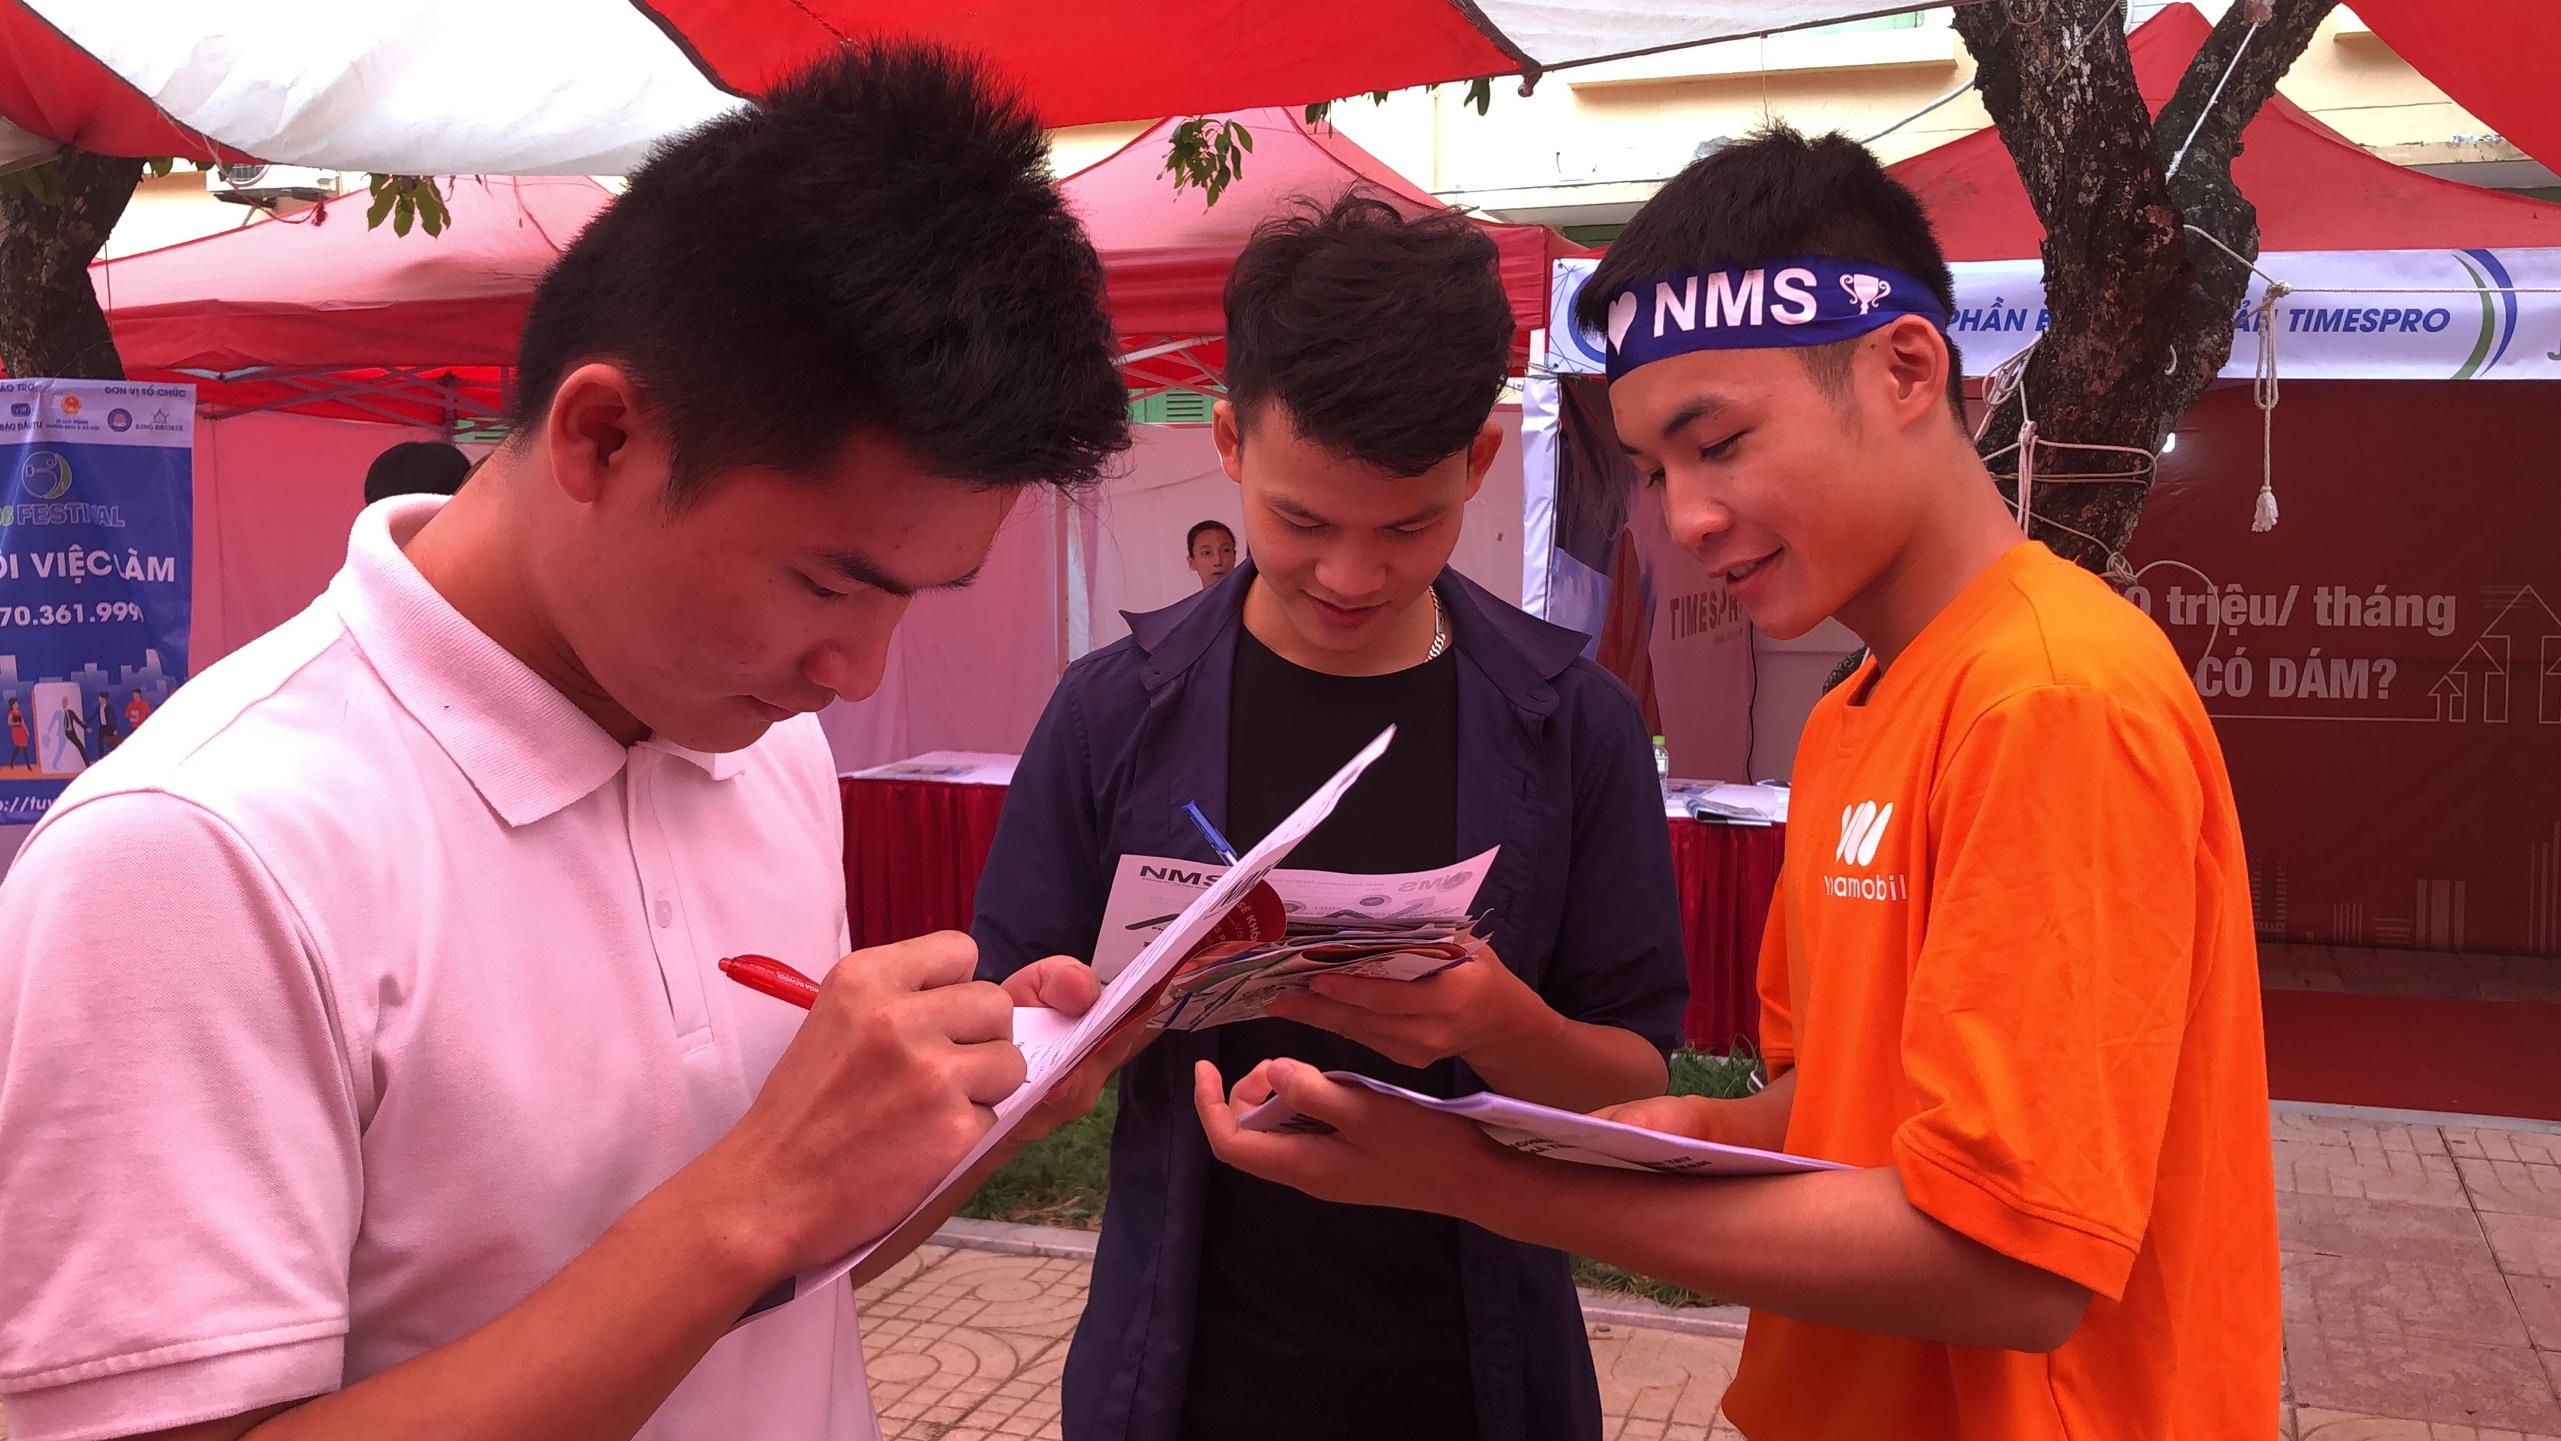 Nhân viên NMS tư vấn công việc cho các bạn sinh viên